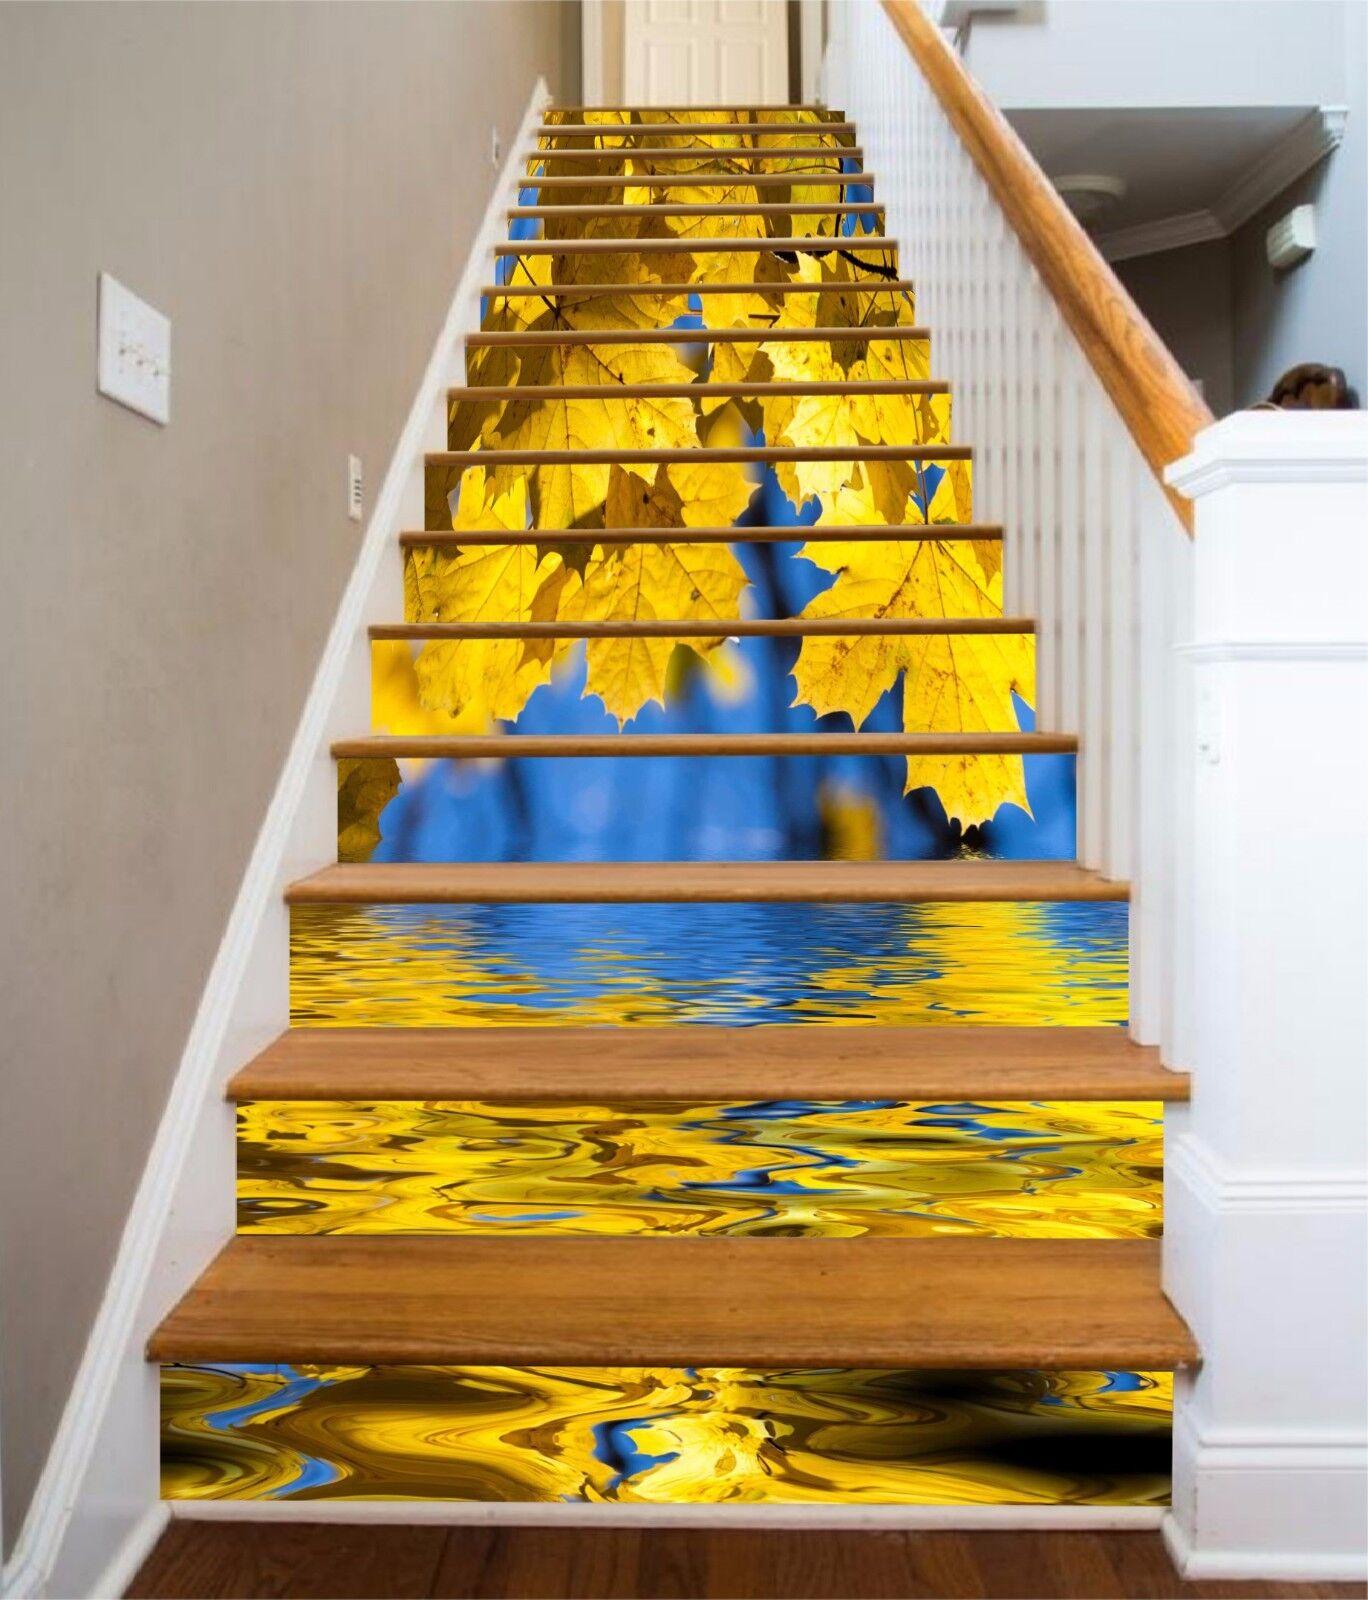 3D Hanging Leaves 8 Stair Risers Dekoration Foto Mural Vinyl Decal Wallpaper UK